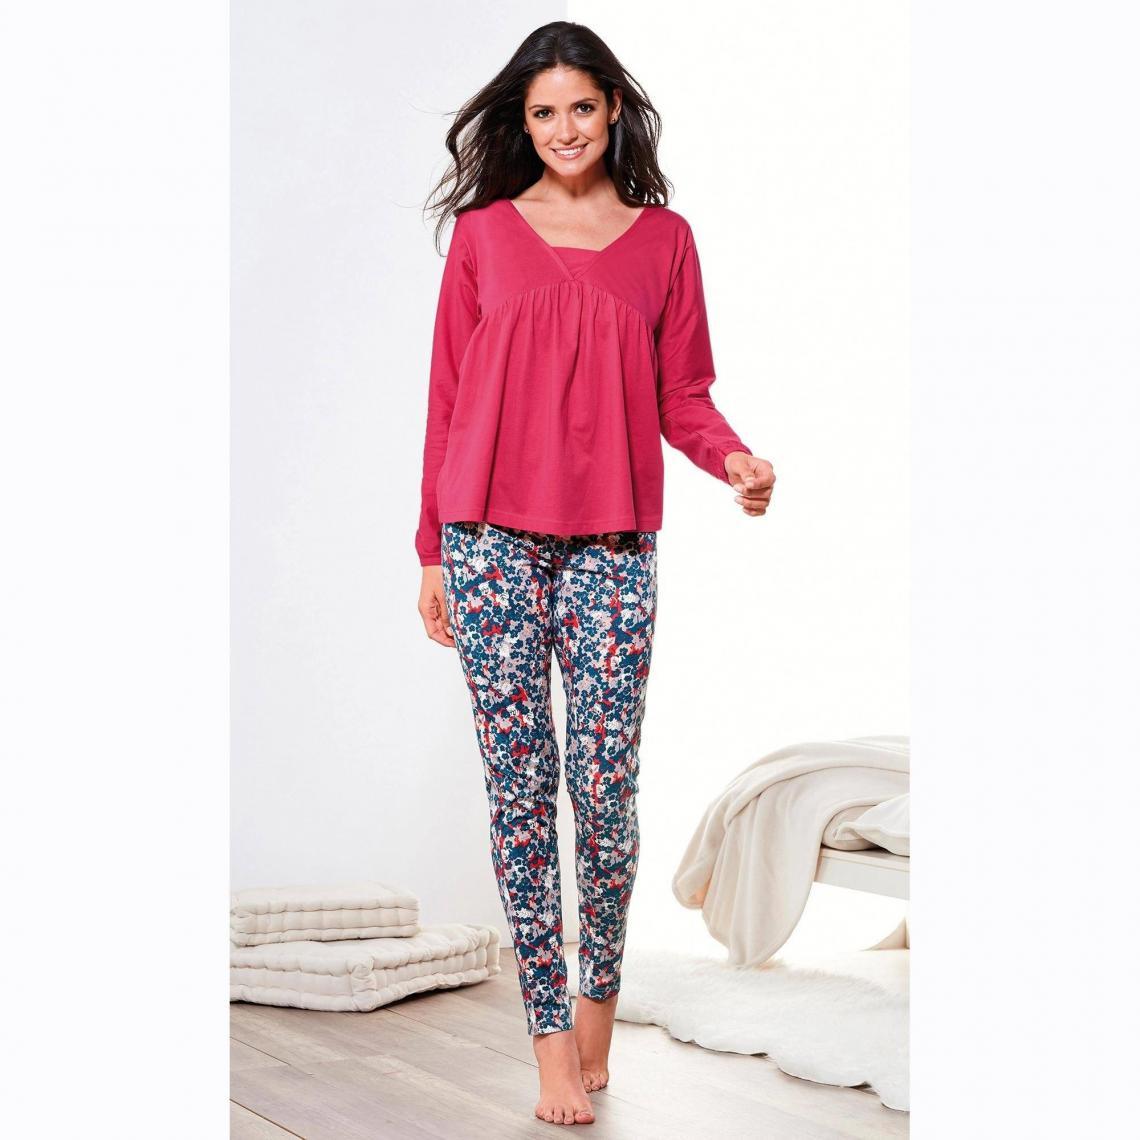 Pyjama manches longues pantalon imprimé - Imprimé - 3 SUISSES - Modalova